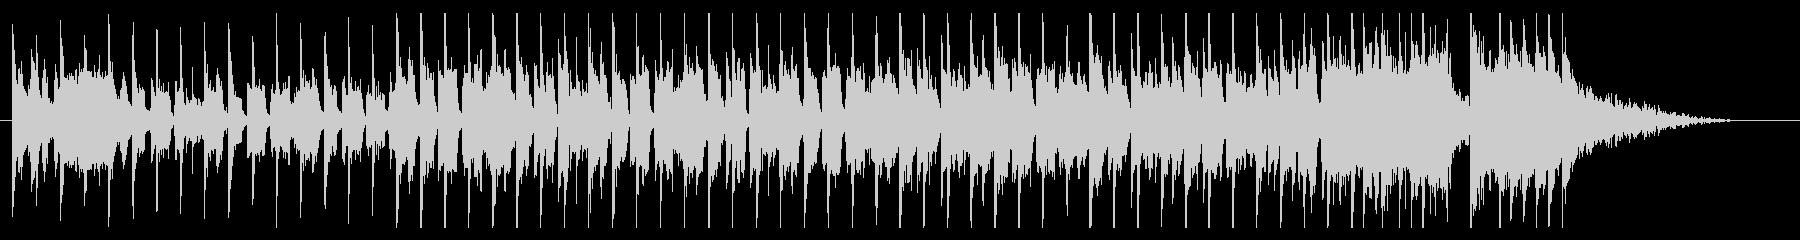 30秒チャレンジBGM/軽快/番組/動画の未再生の波形